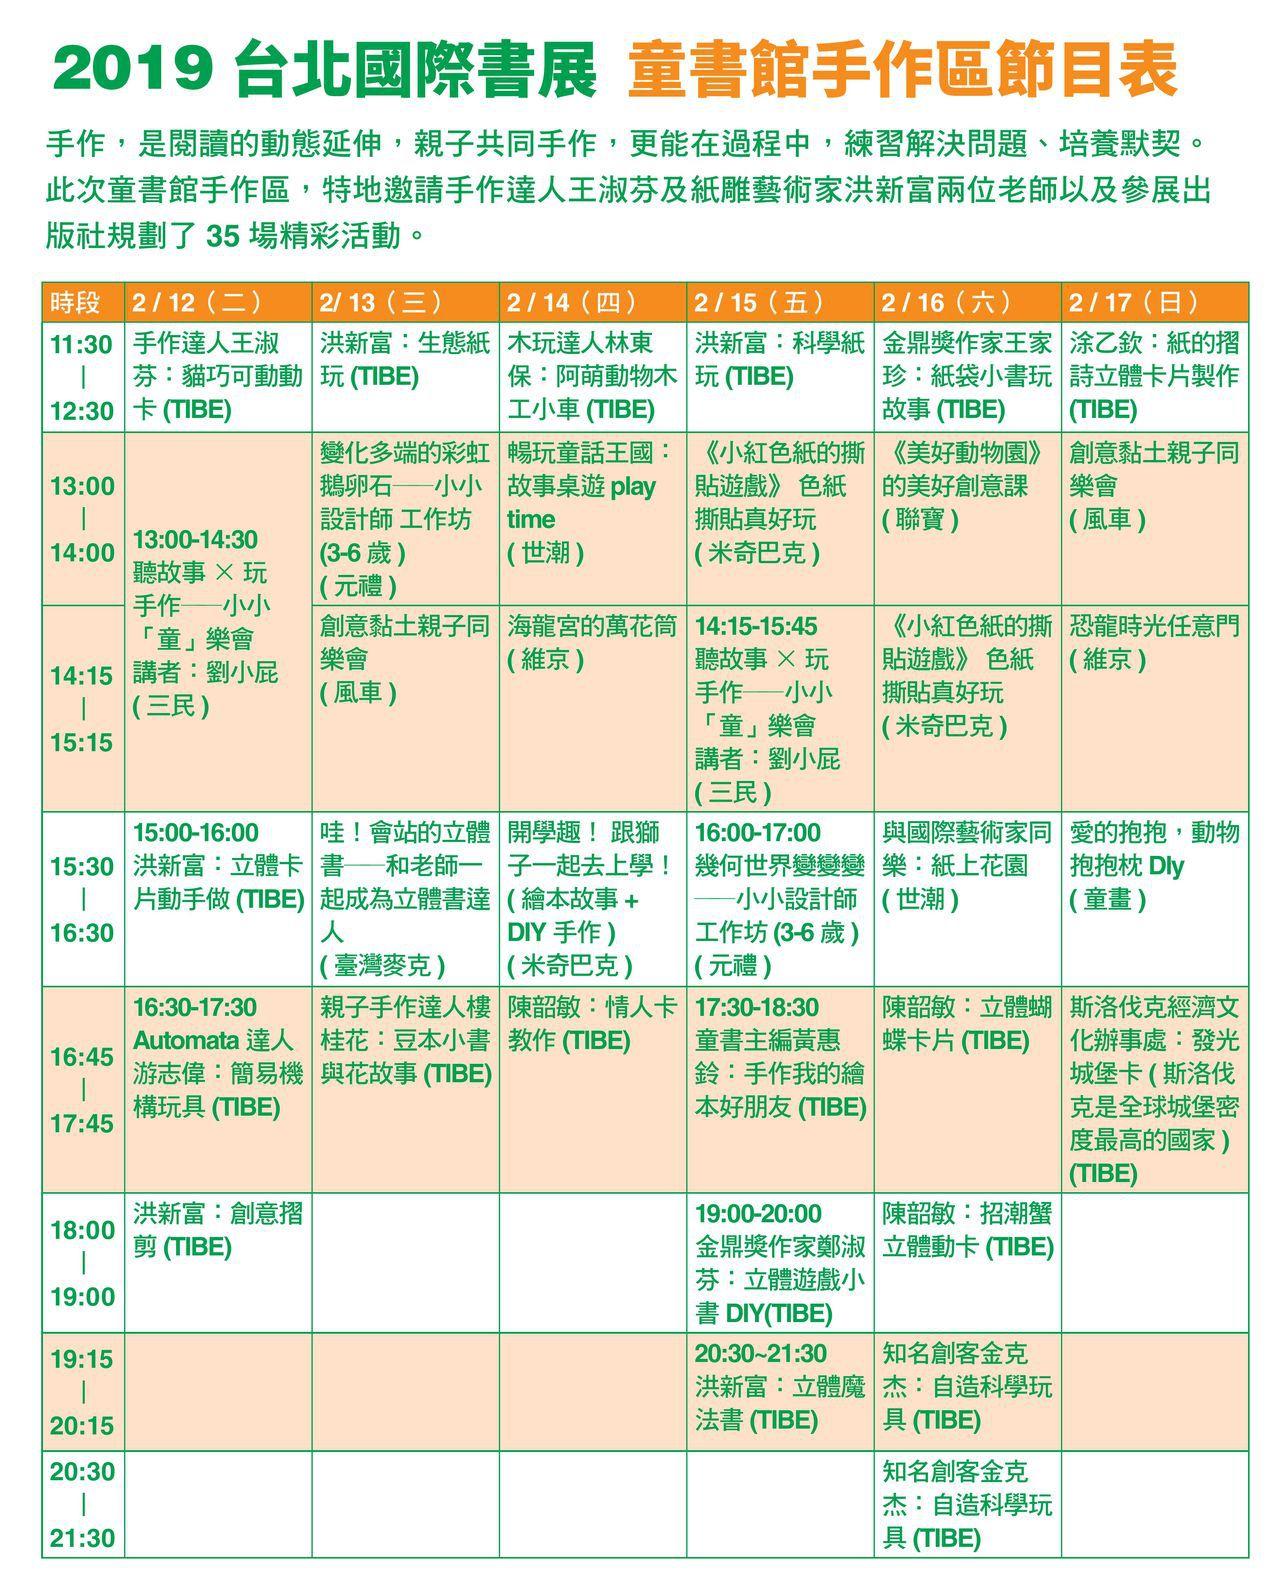 節目表僅供參考,請以現場活動為主的標示。 (圖/台北國際書展基金會 提供)